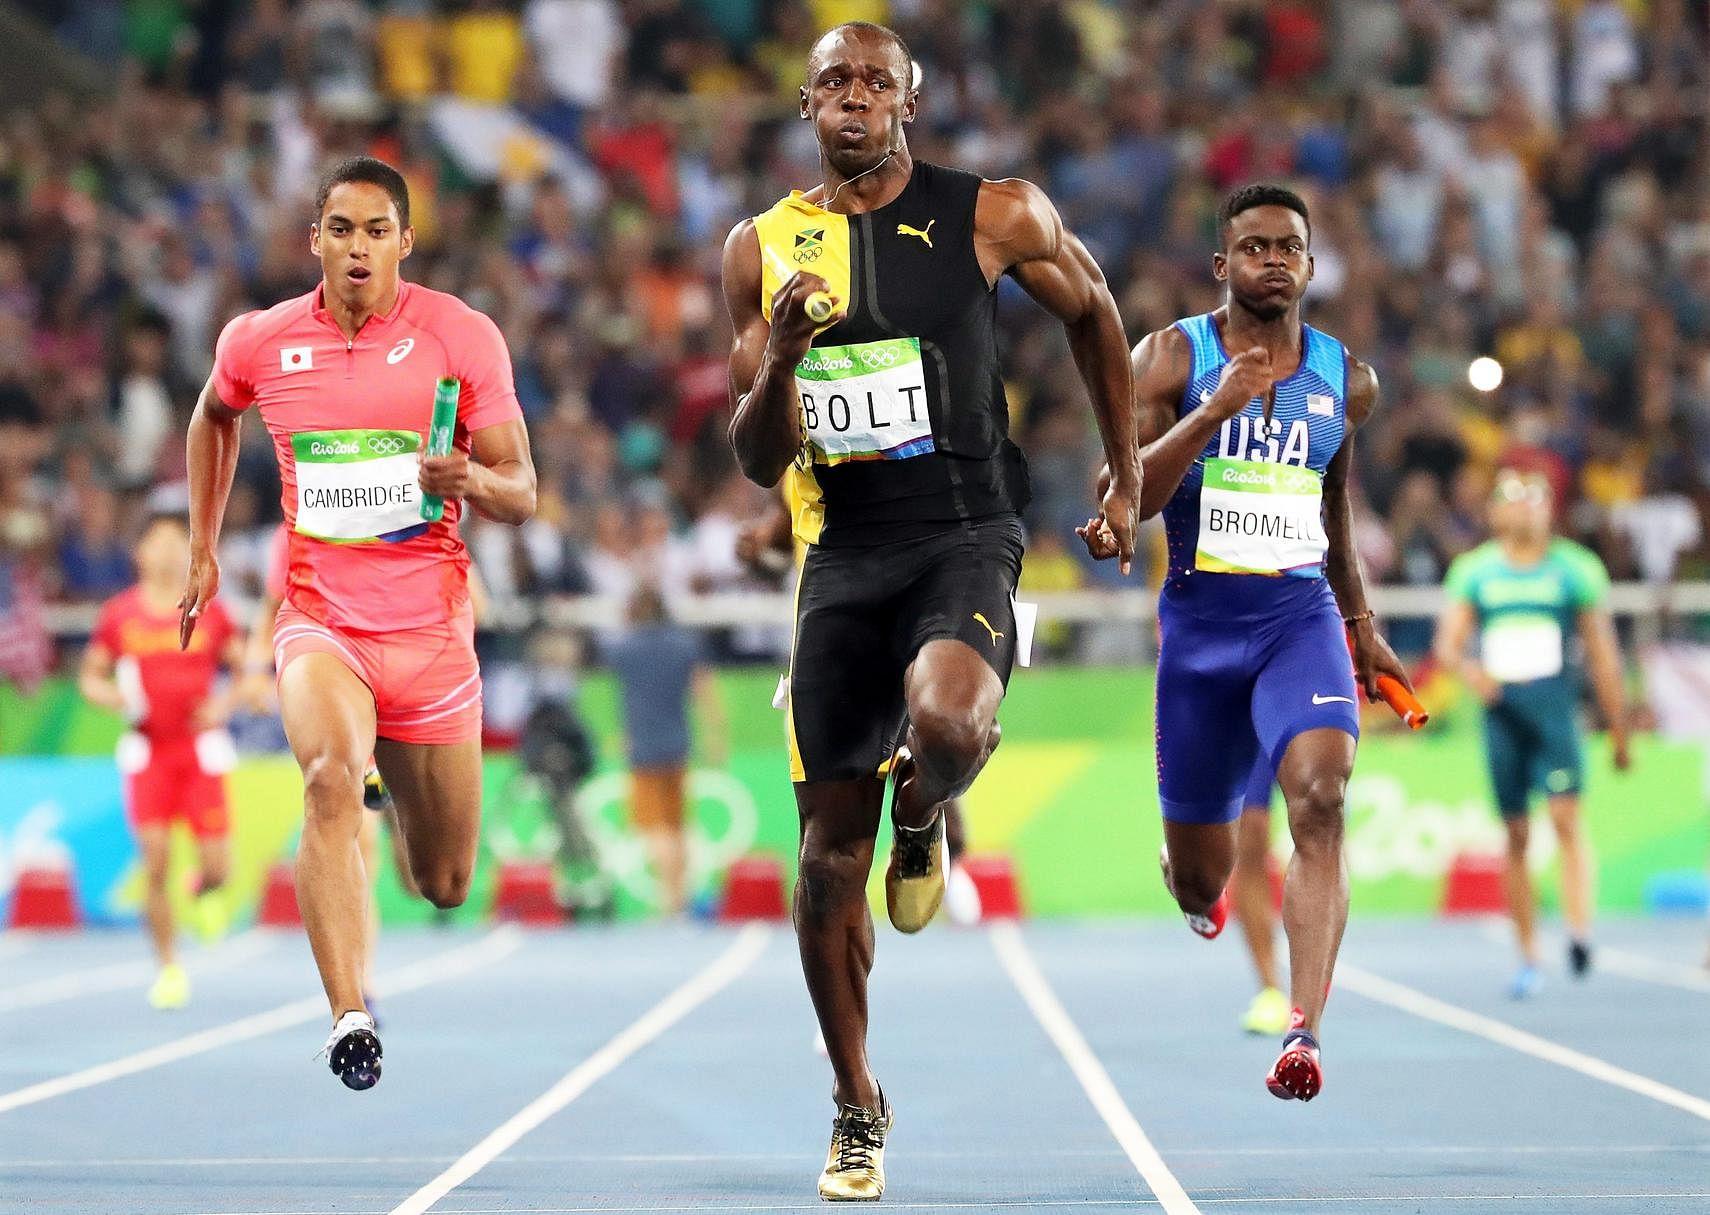 【走順で差をつける!】 リオ五輪リレー銀メダルに見る、走順の考え方